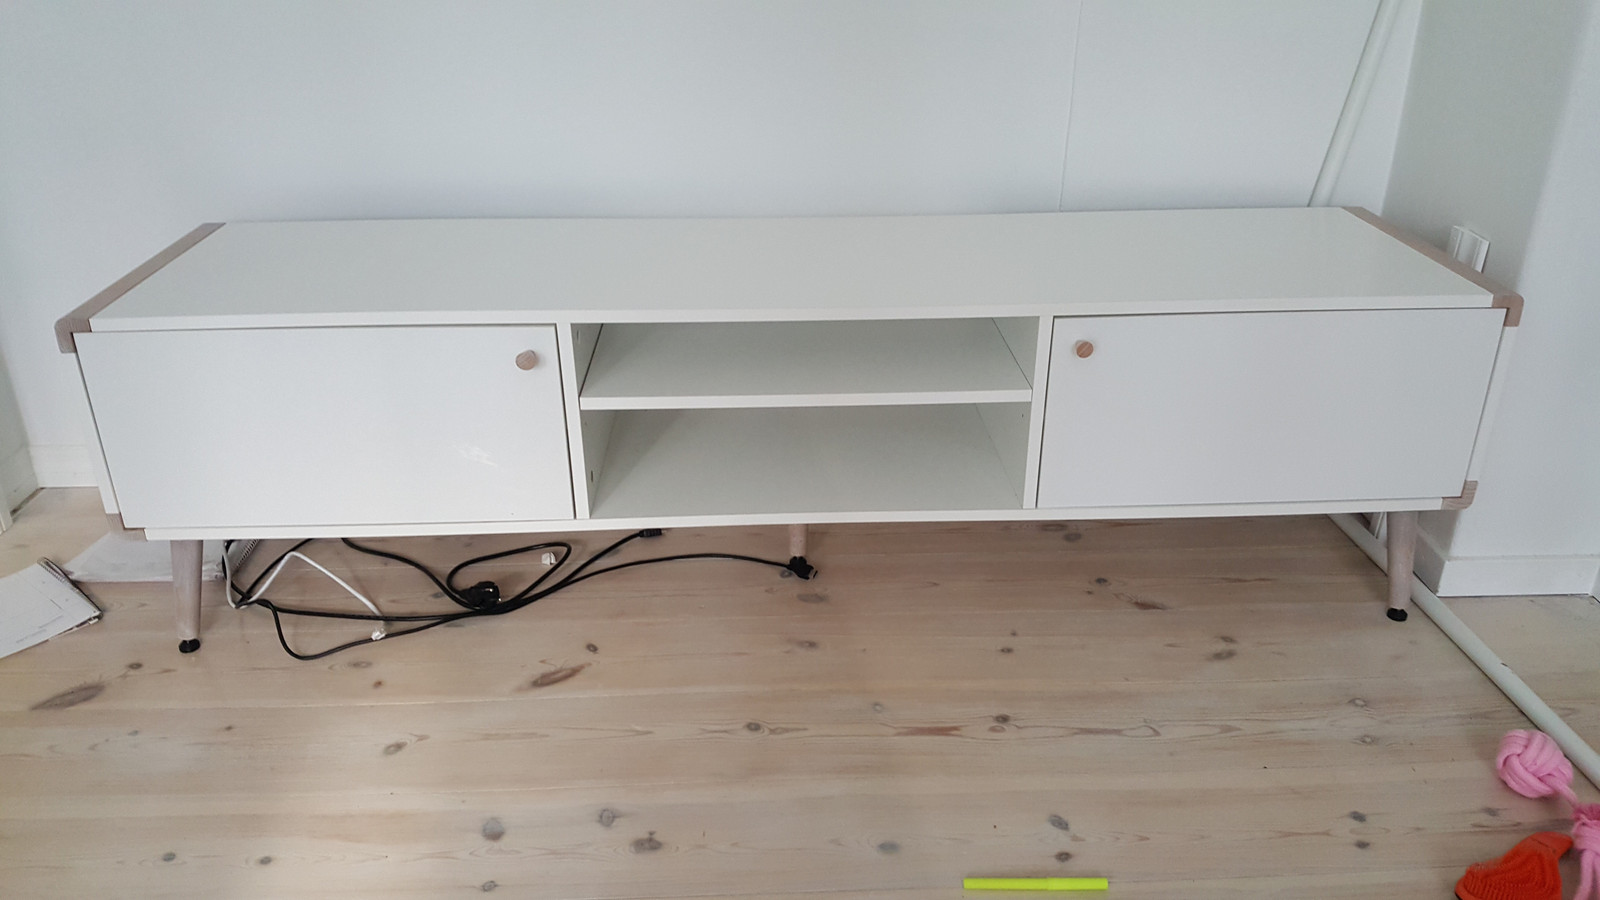 Kjempebra Retro TV-benk. To skapdører og hyller. Fra Skeidar | FINN.no IN-62